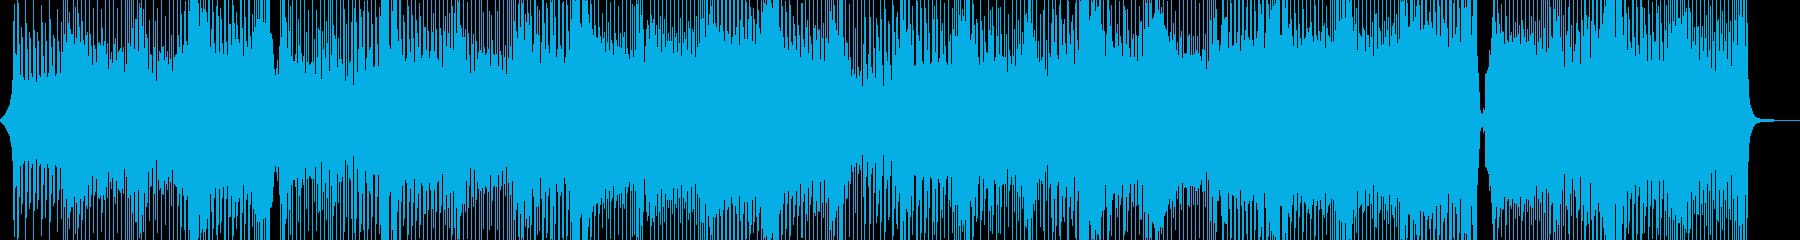 ショッピングモールを彩るテクノ 長尺の再生済みの波形